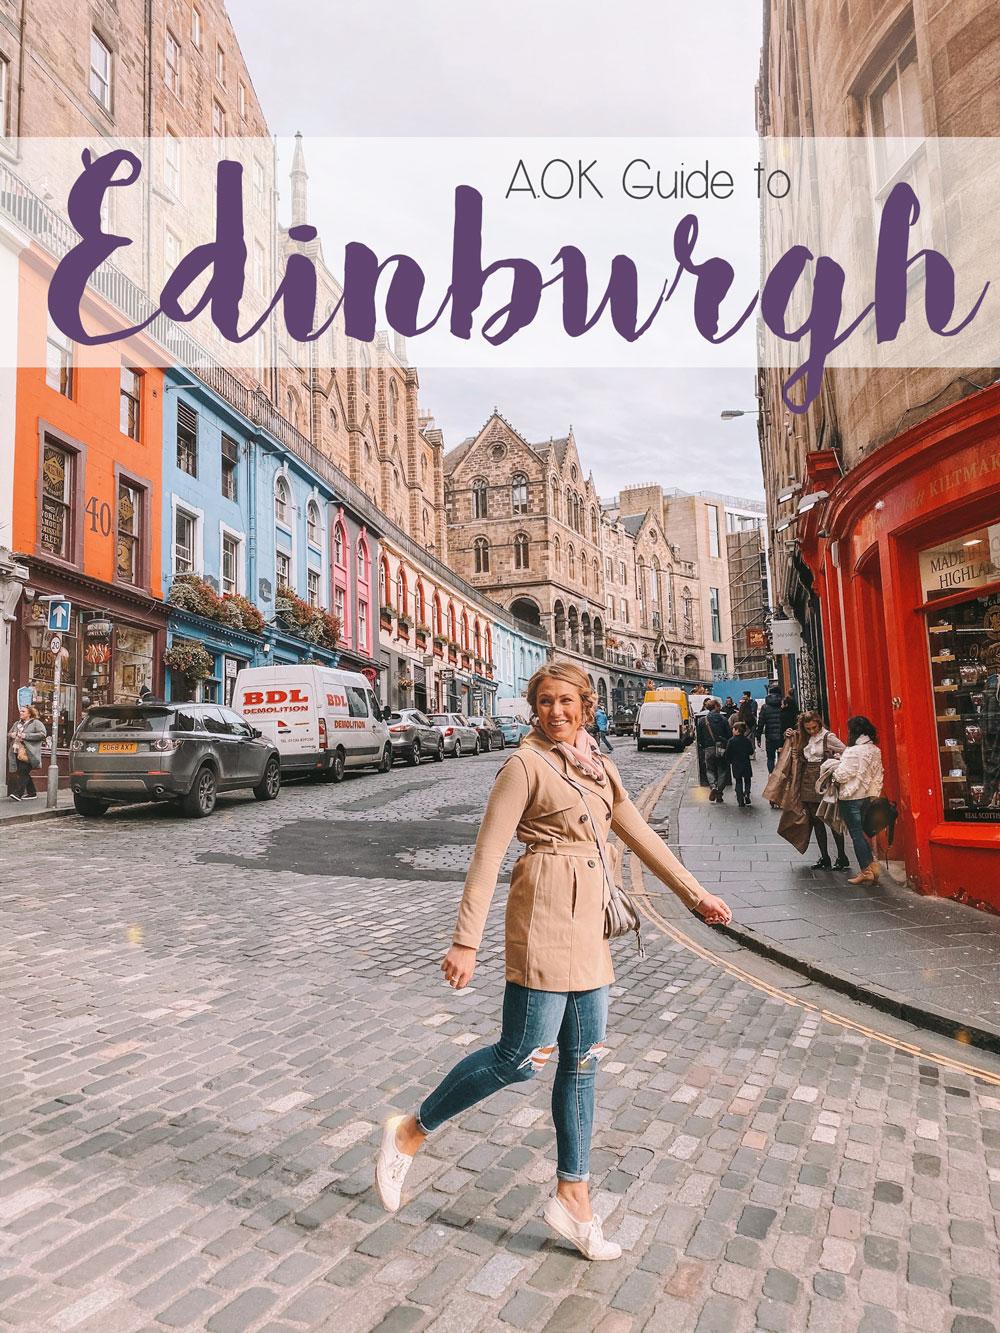 AOK Guide to Edinburgh